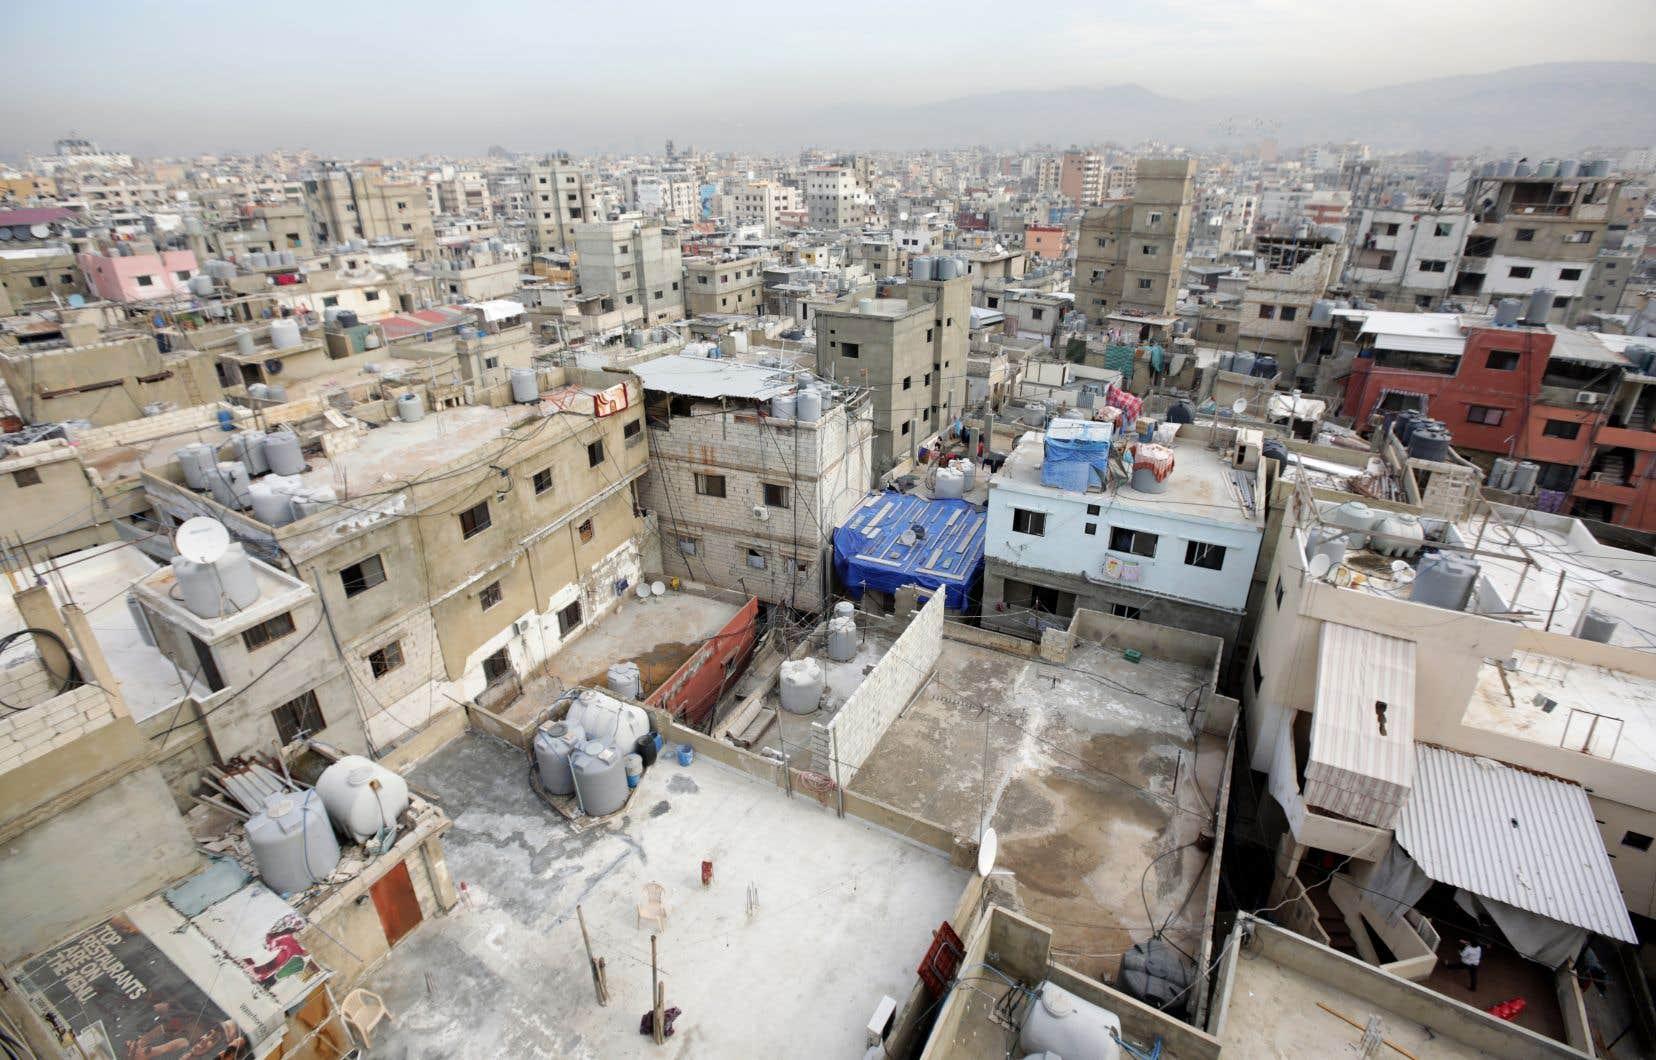 Le camp de Burjal-Barajneh, au Liban, où vivent plus de 174 000 réfugiés palestiniens, selon un premier recensement officiel effectué l'an dernier.